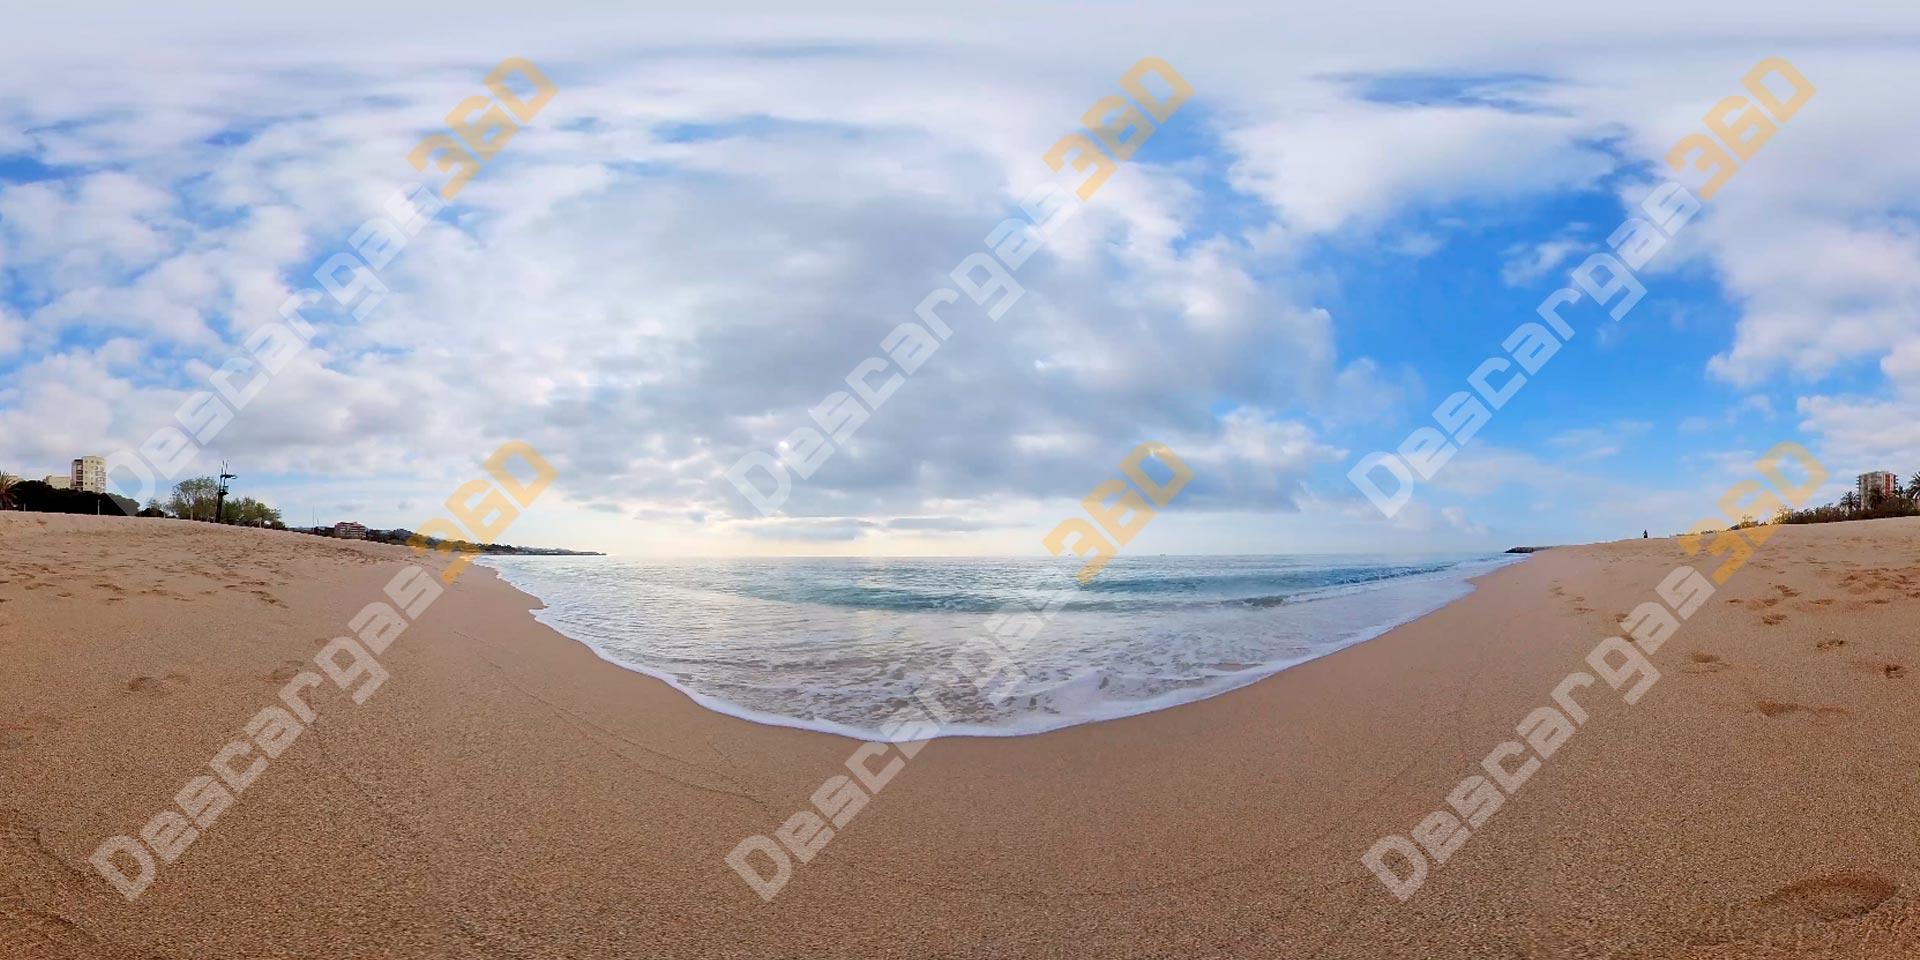 Playa-y-Mar-360---Descargas360_preview